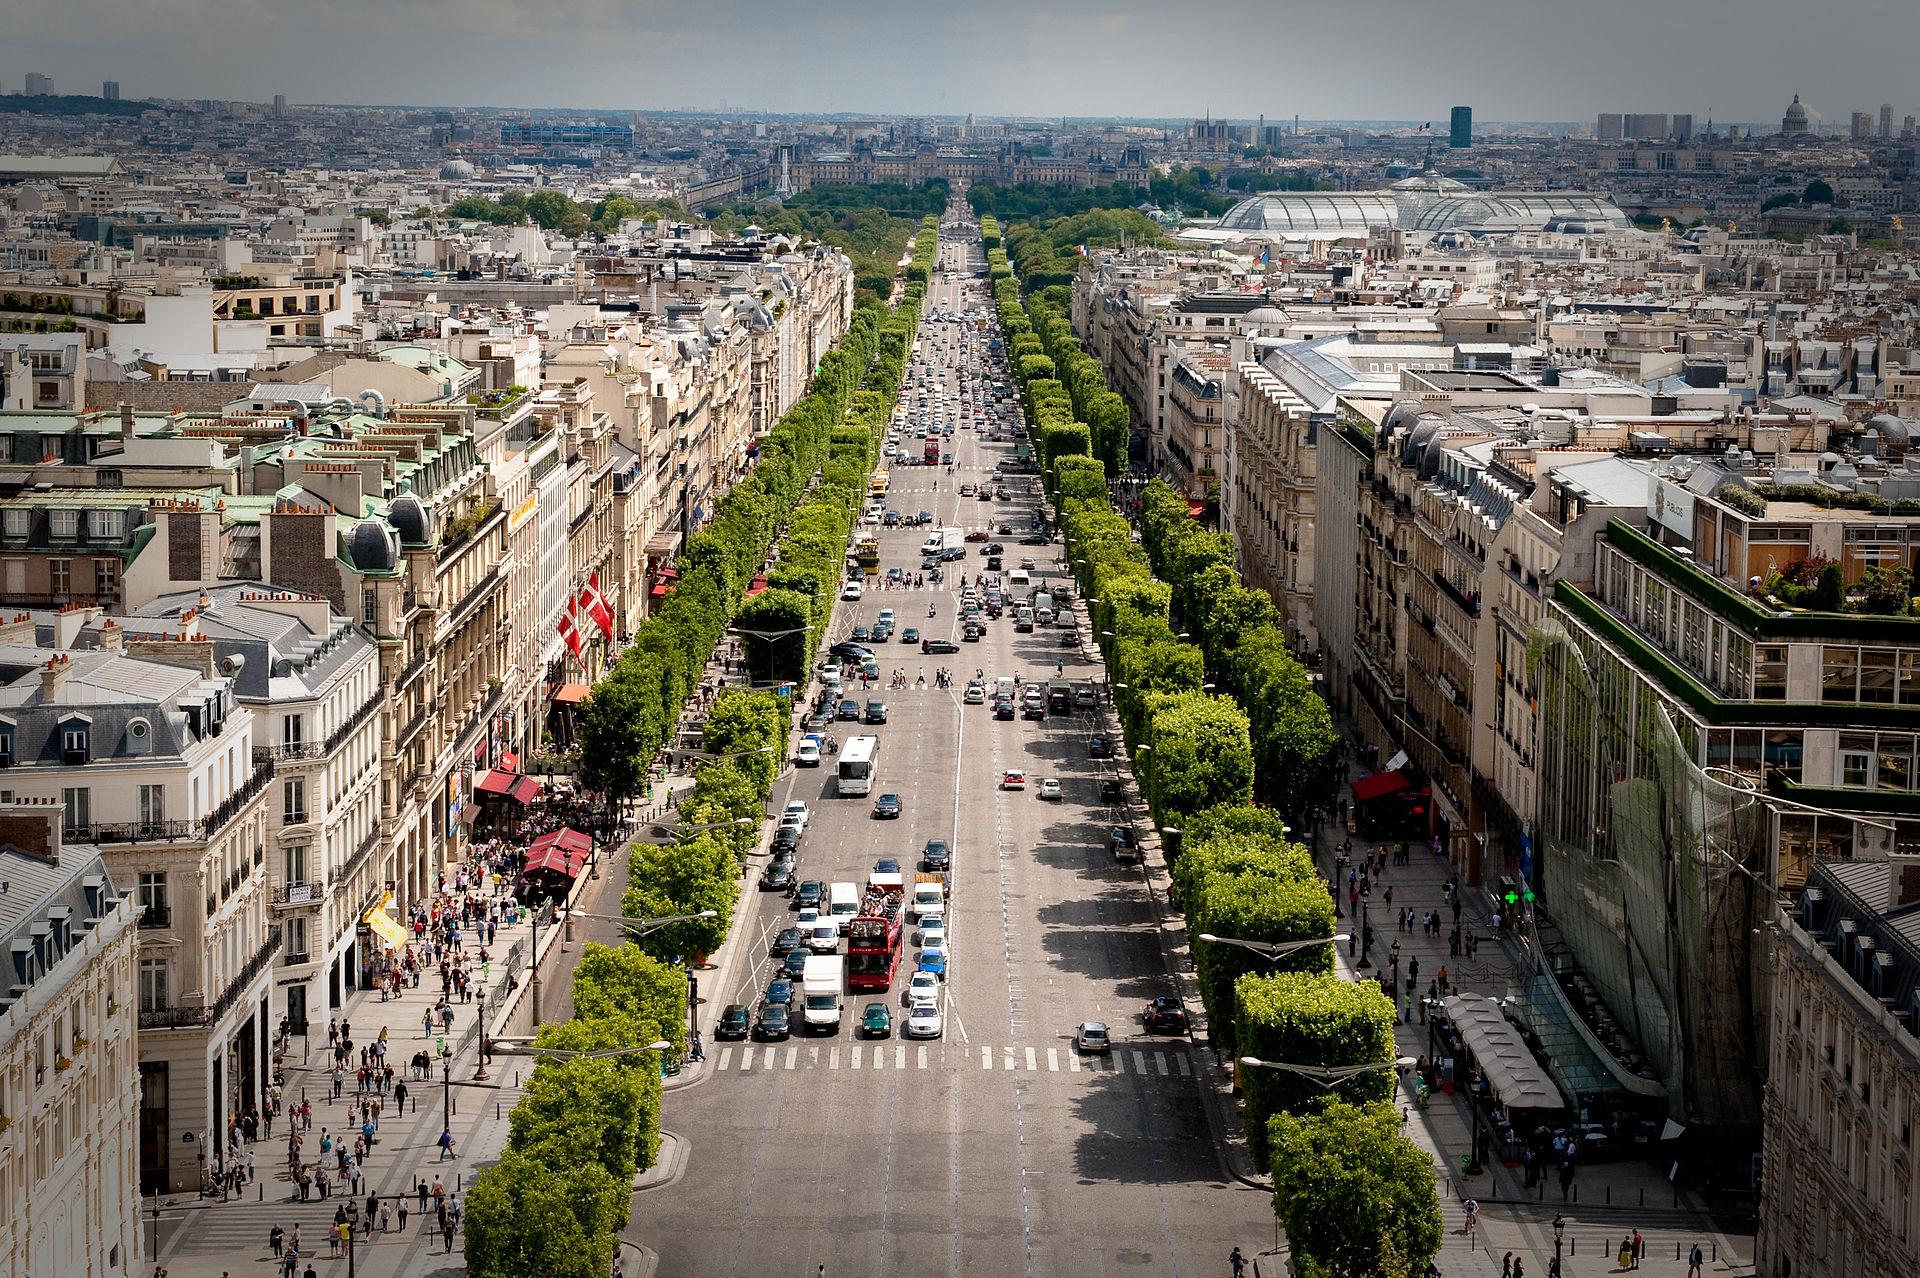 ถนนฌ็องเซลิเซ่ -สวยงาม